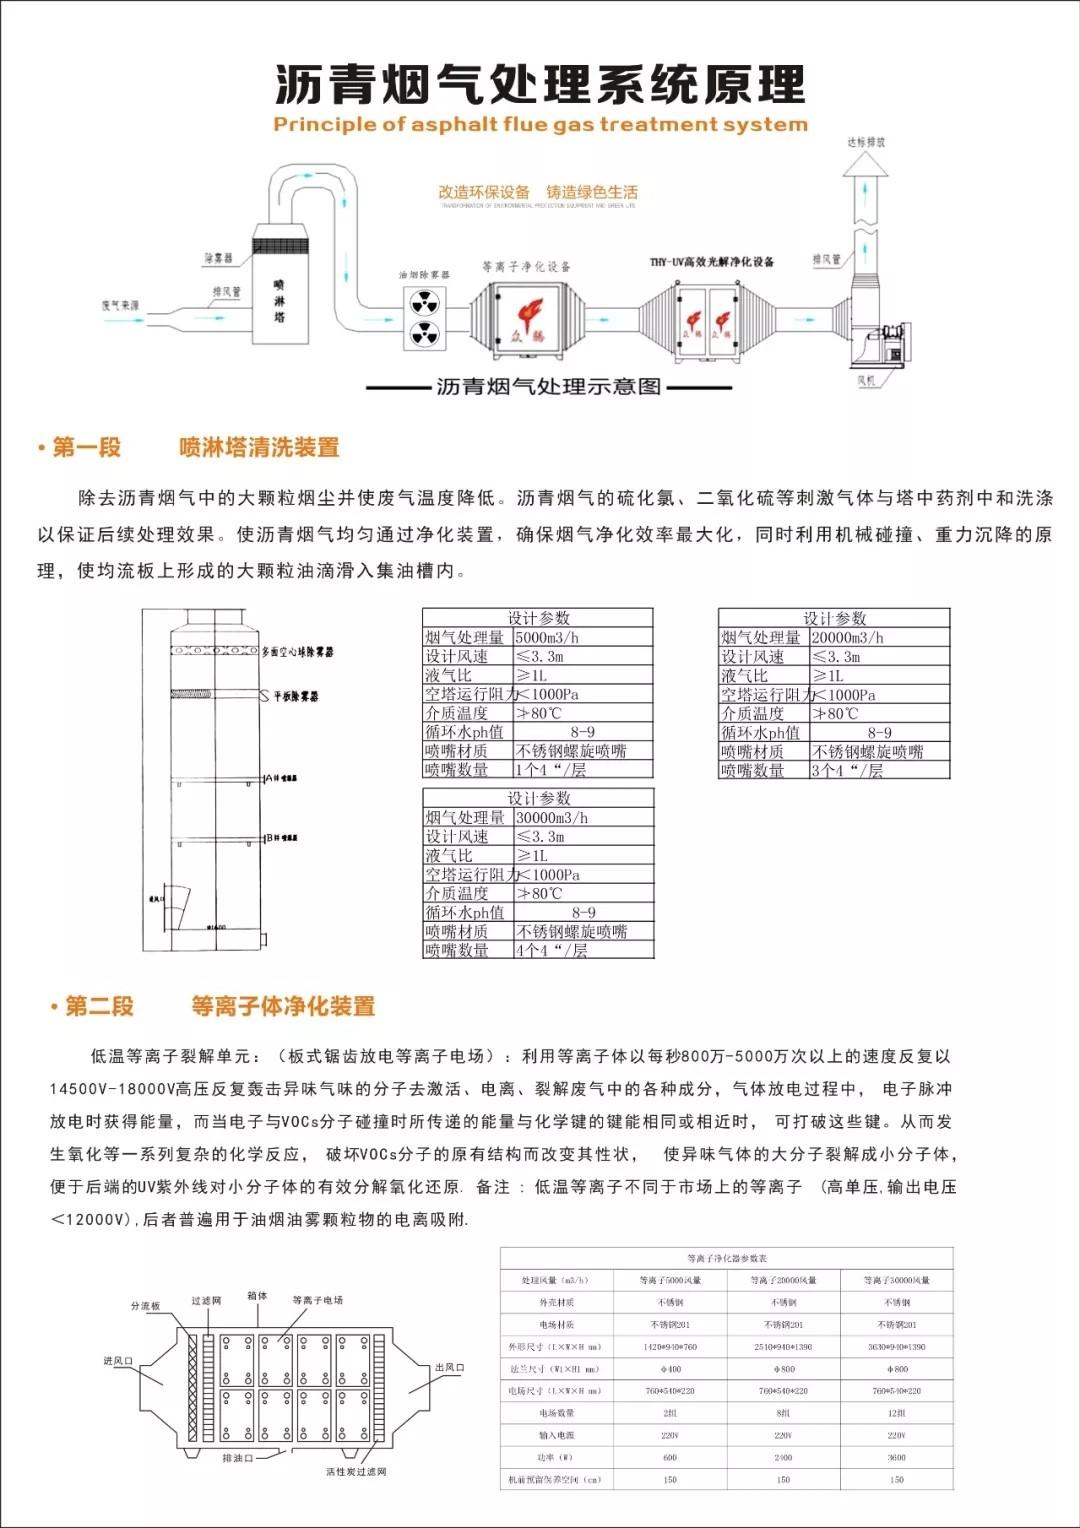 沥青烟气处理系统(图3)